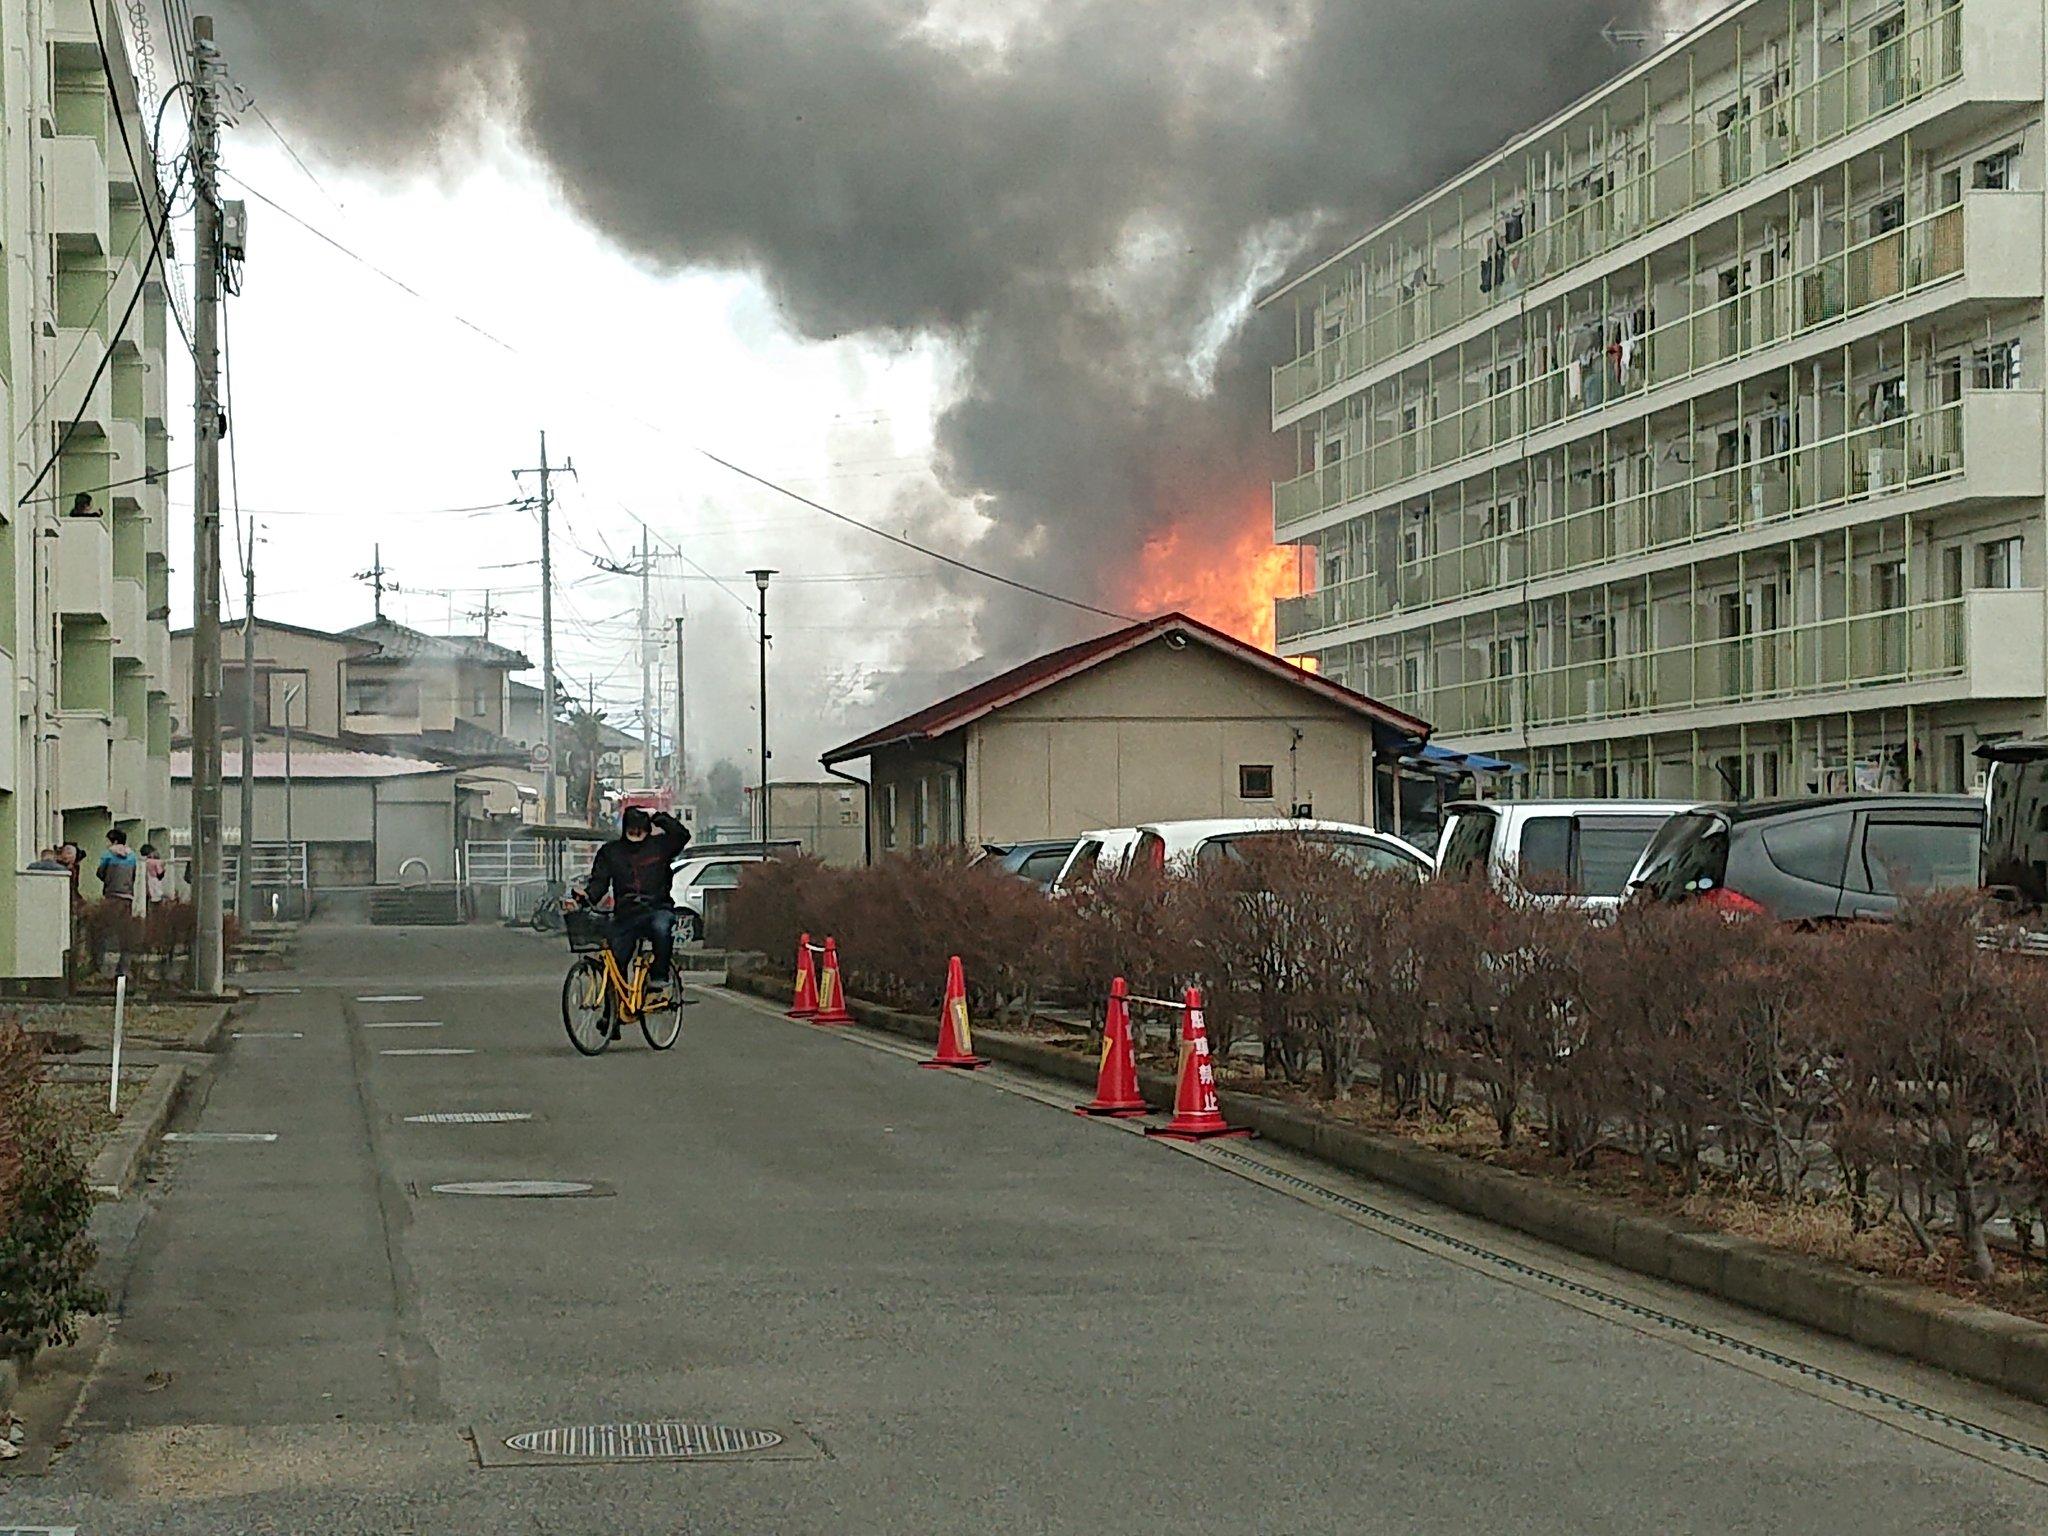 北九州 火事 市 どこ 「#北九州市」のTwitter検索結果